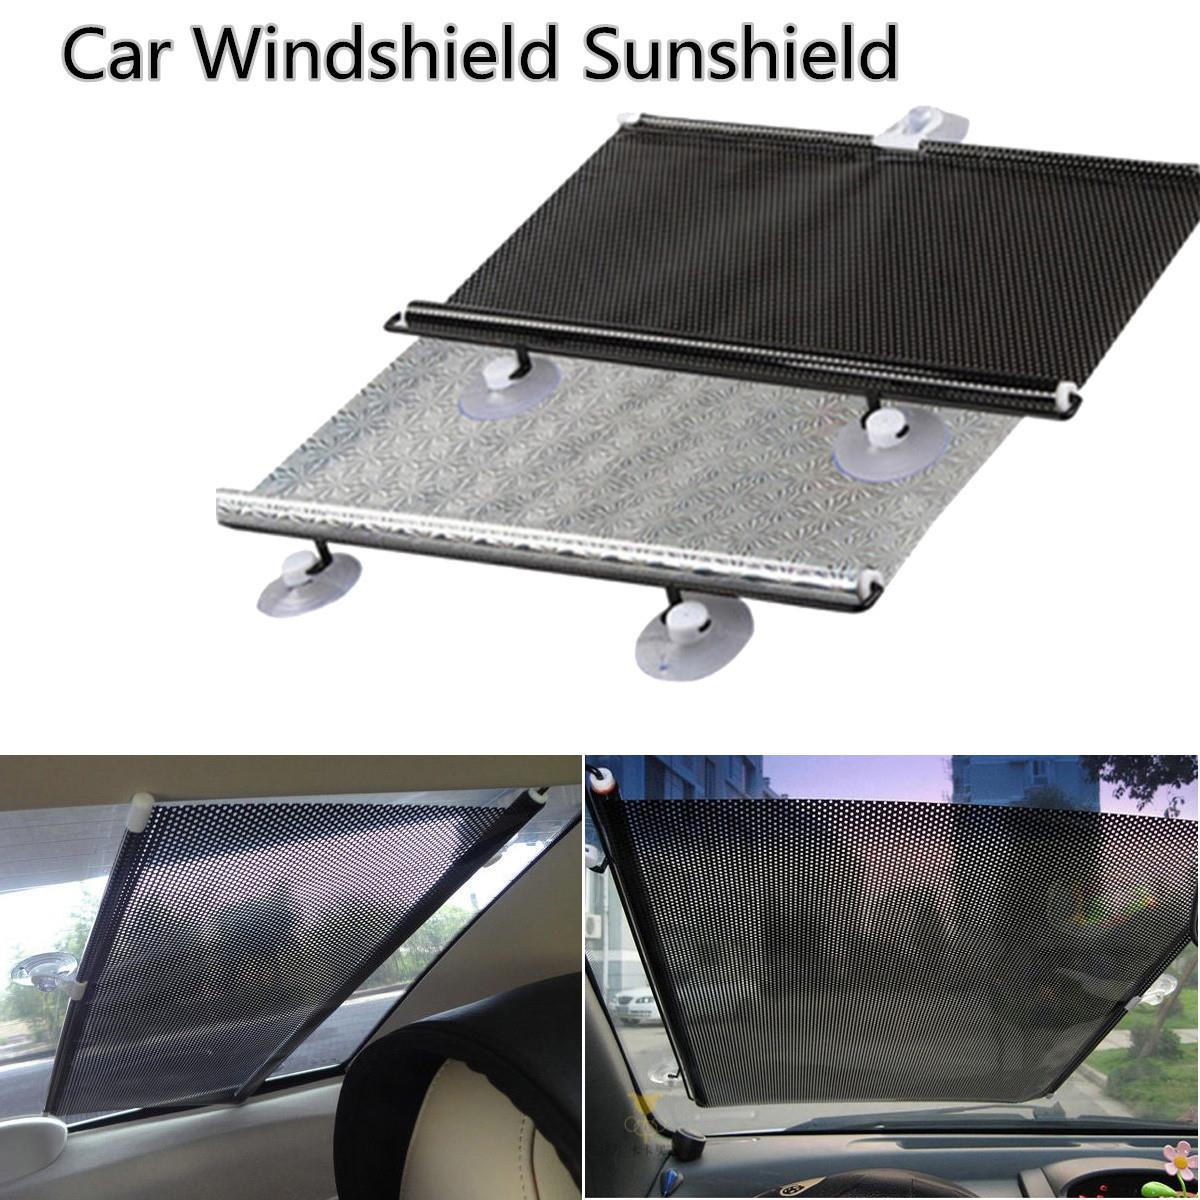 リトラクタブル太陽シェード車 プロモーション Aliexpress Comでのプロモーションショッピング